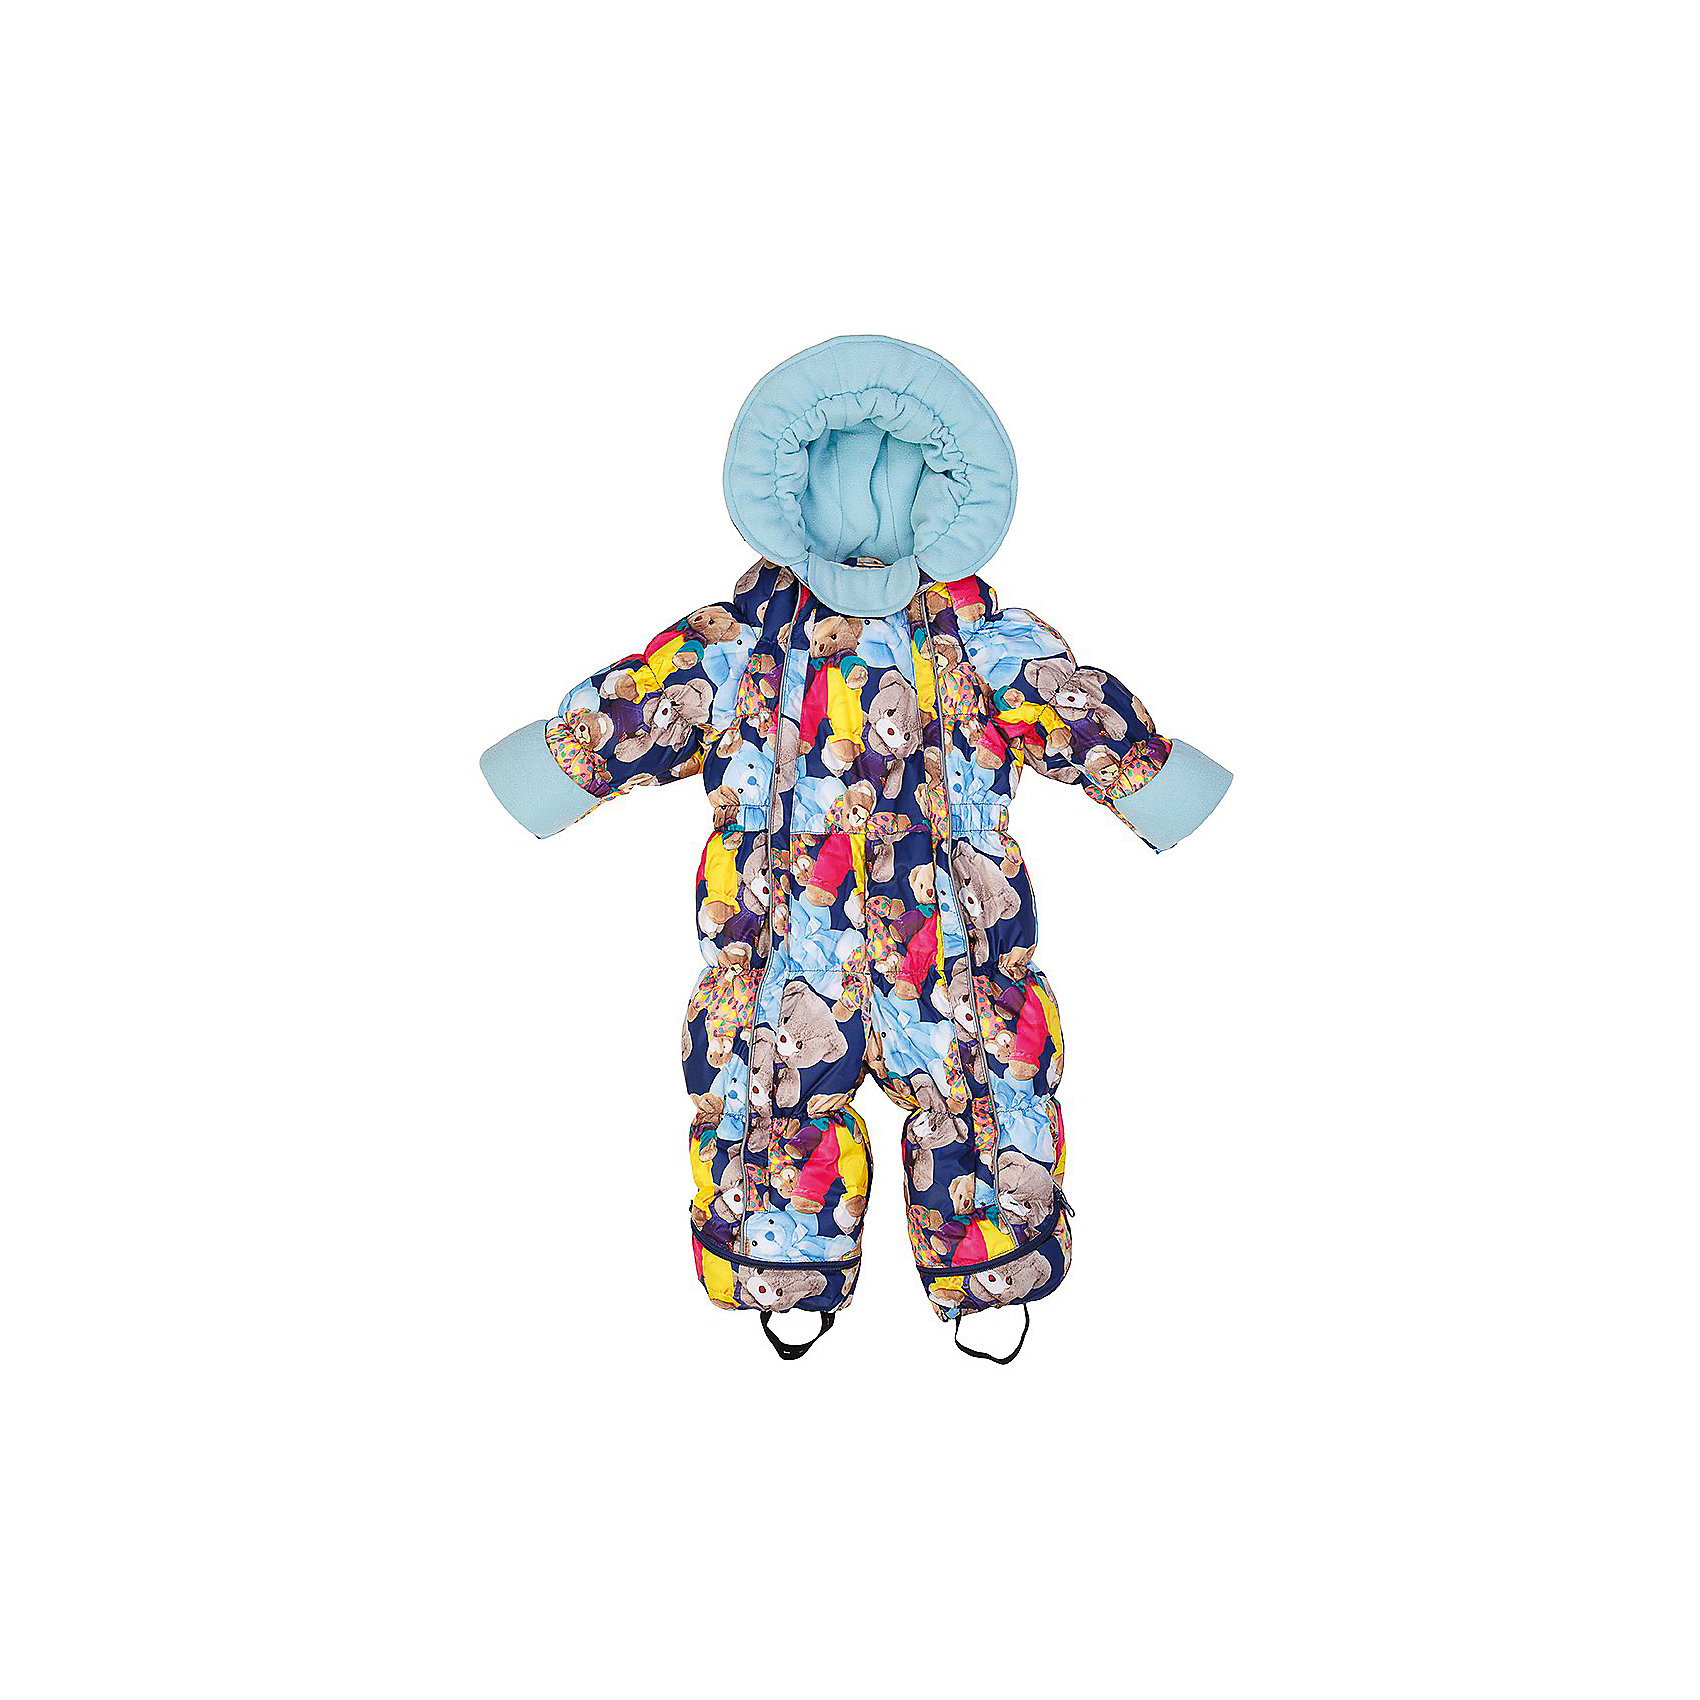 Комбинезон-трансформер Джереми OLDOSВерхняя одежда<br>Характеристики товара:<br><br>• цвет: синий<br>• состав ткани: 100% полиэстер, пропитка PU, Teflon<br>• подкладка: хлопок<br>• утеплитель: искусственный лебяжий пух<br>• сезон: зима<br>• температурный режим: от -35 до 0<br>• застежка: молния<br>• капюшон: без меха, несъемный<br>• пинетки отстегиваются<br>• трансформируется в конверт<br>• страна бренда: Россия<br>• страна изготовитель: Россия<br><br>Хлопковая подкладка детского комбинезона-трансформера для зимы приятна на ощупь. Удобный комбинезон-трансформер для мальчика дополнен съемными пинетками. Комбинезон-трансформер позволяет создать комфортный микроклимат даже в сильные морозы. Верх этого детского комбинезона - с пропиткой от грязи и влаги. <br><br>Комбинезон-трансформер Джереми Oldos (Олдос) можно купить в нашем интернет-магазине.<br><br>Ширина мм: 356<br>Глубина мм: 10<br>Высота мм: 245<br>Вес г: 519<br>Цвет: синий<br>Возраст от месяцев: 3<br>Возраст до месяцев: 6<br>Пол: Унисекс<br>Возраст: Детский<br>Размер: 68,80,74<br>SKU: 7016616